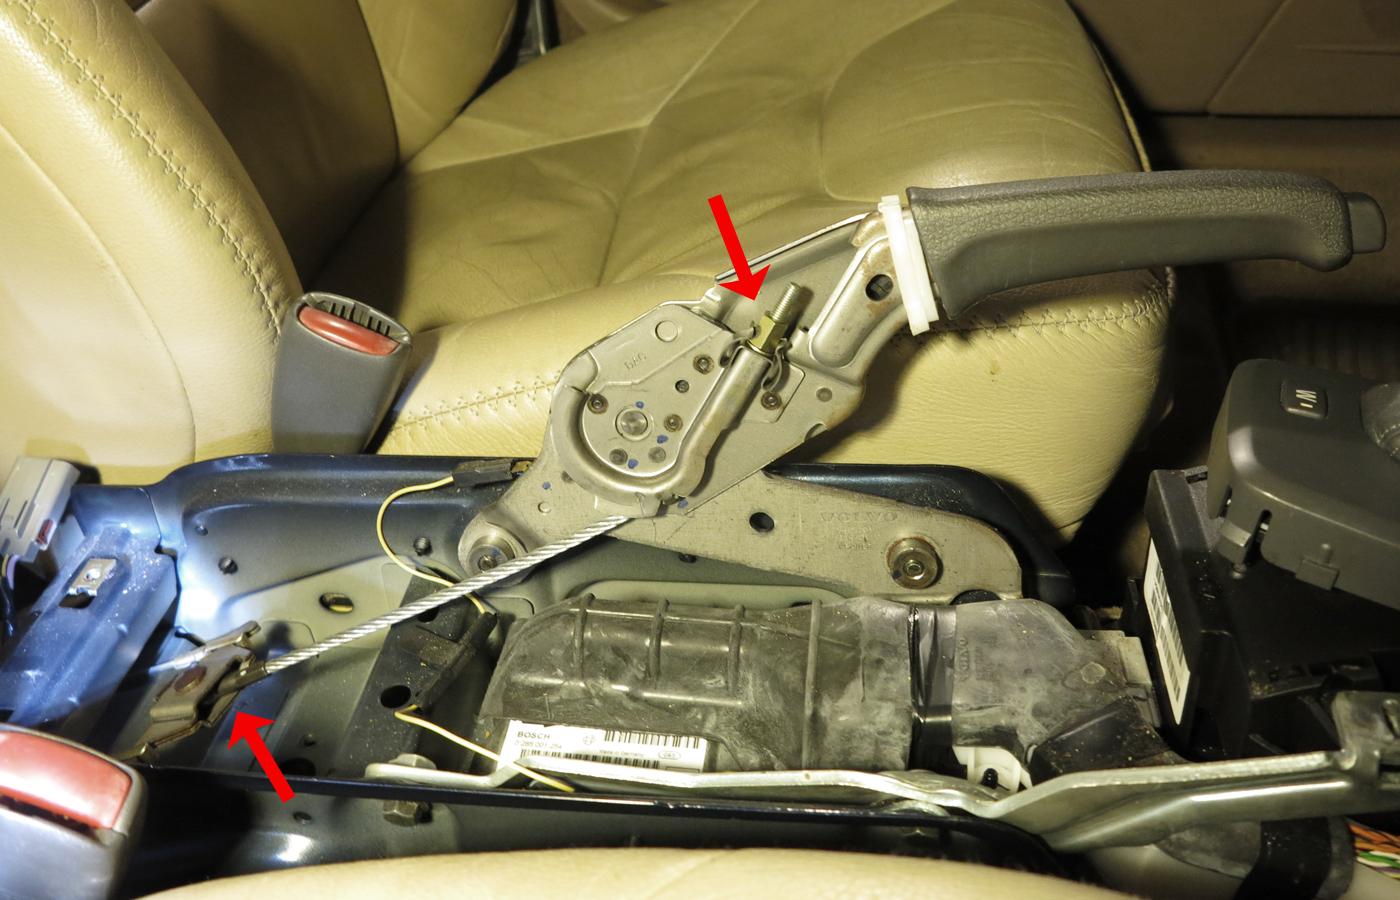 2001 V70XC Parking Brake Cable Adjustment